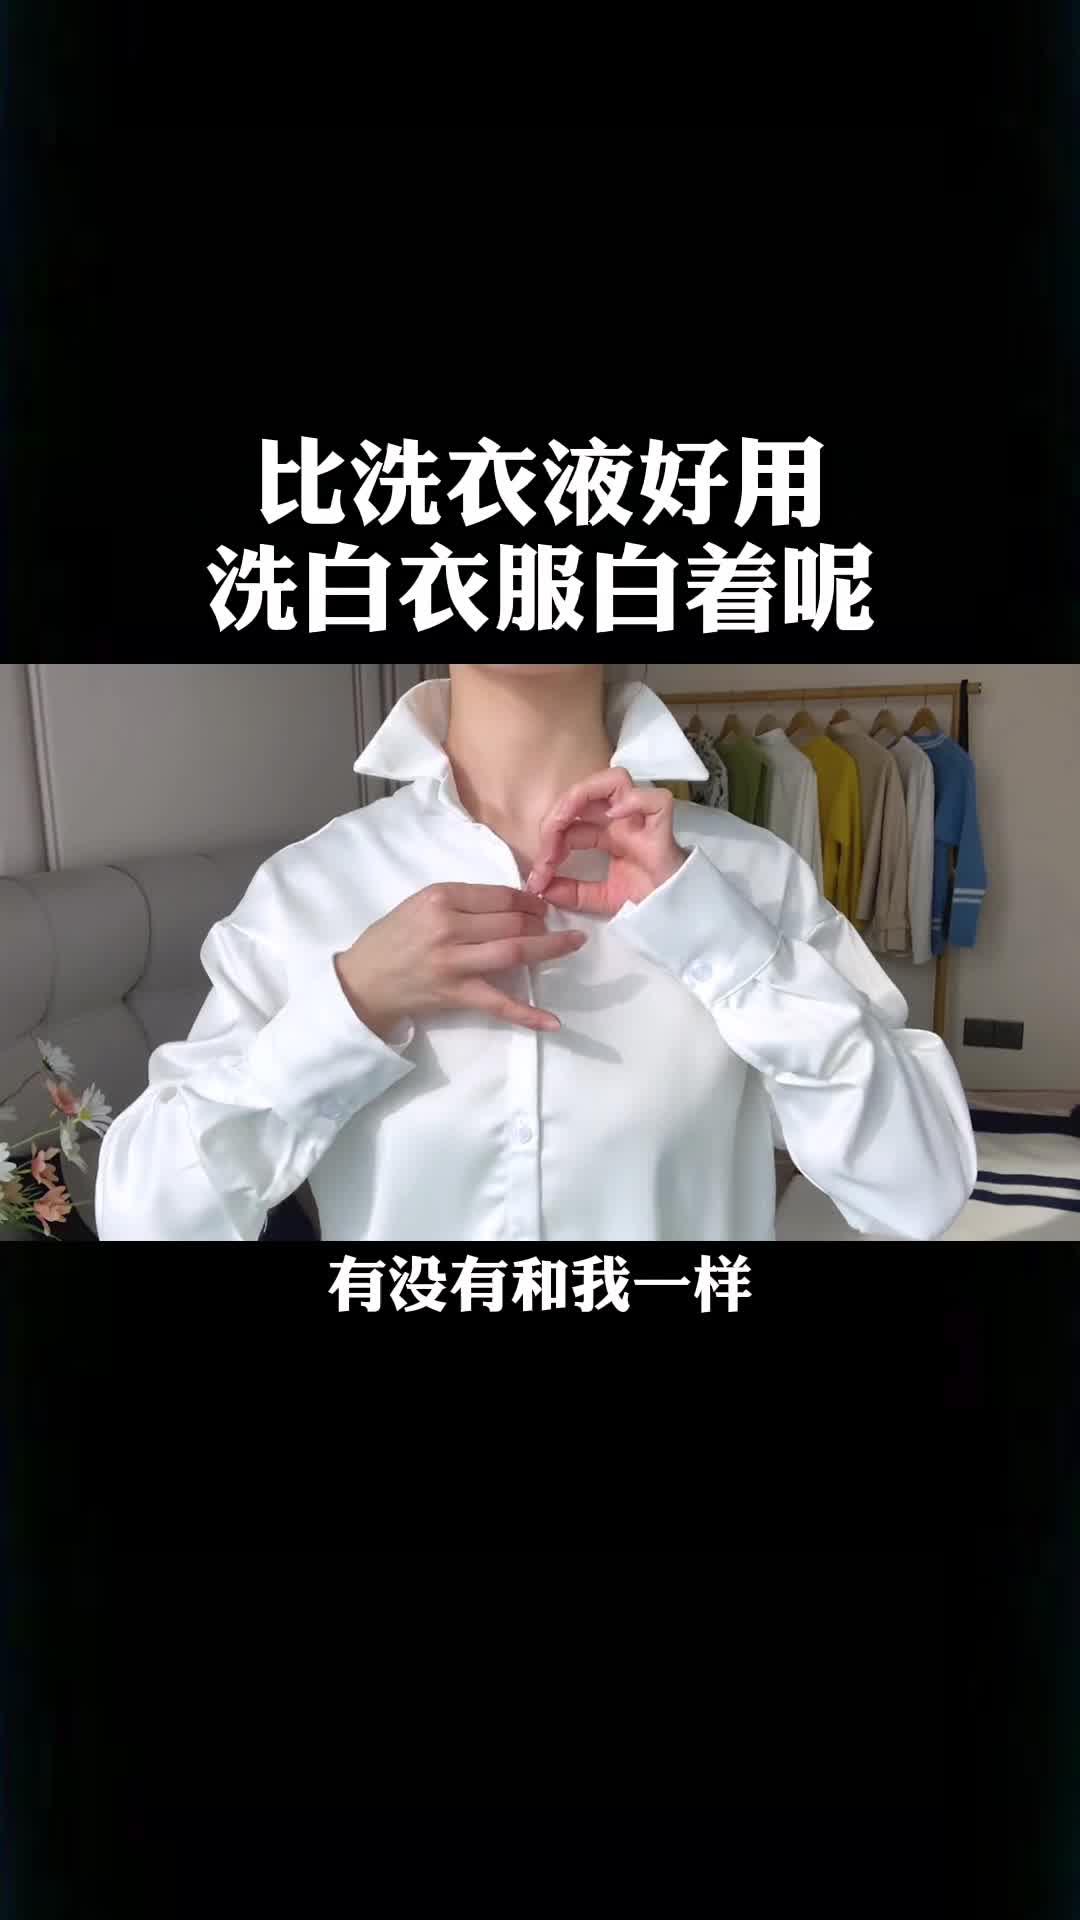 单柠啊啊啊啊啊啊啊啊: 这个#洗衣泡泡纸 用它洗出来的衣服是普通洗衣液洗不出来的那种干净白亮,爱干净的小姐妹们可以试一试哦!!!